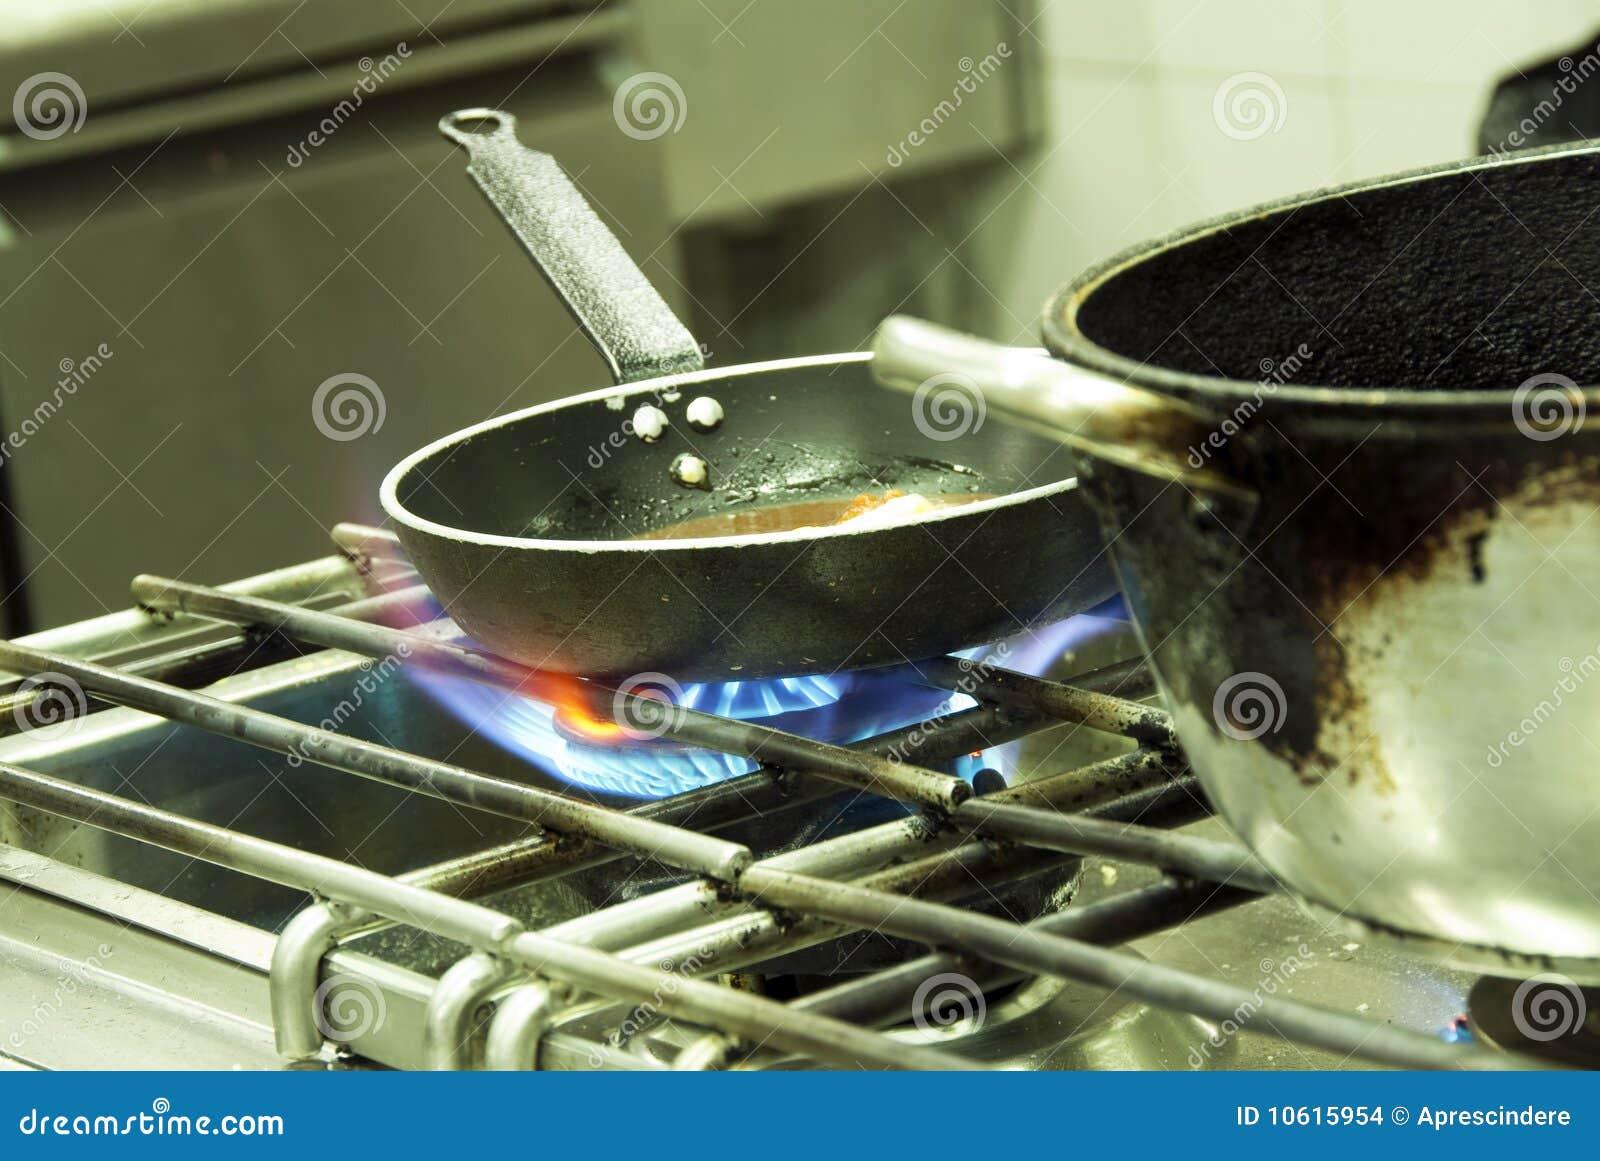 Cuisson dans une cuisine